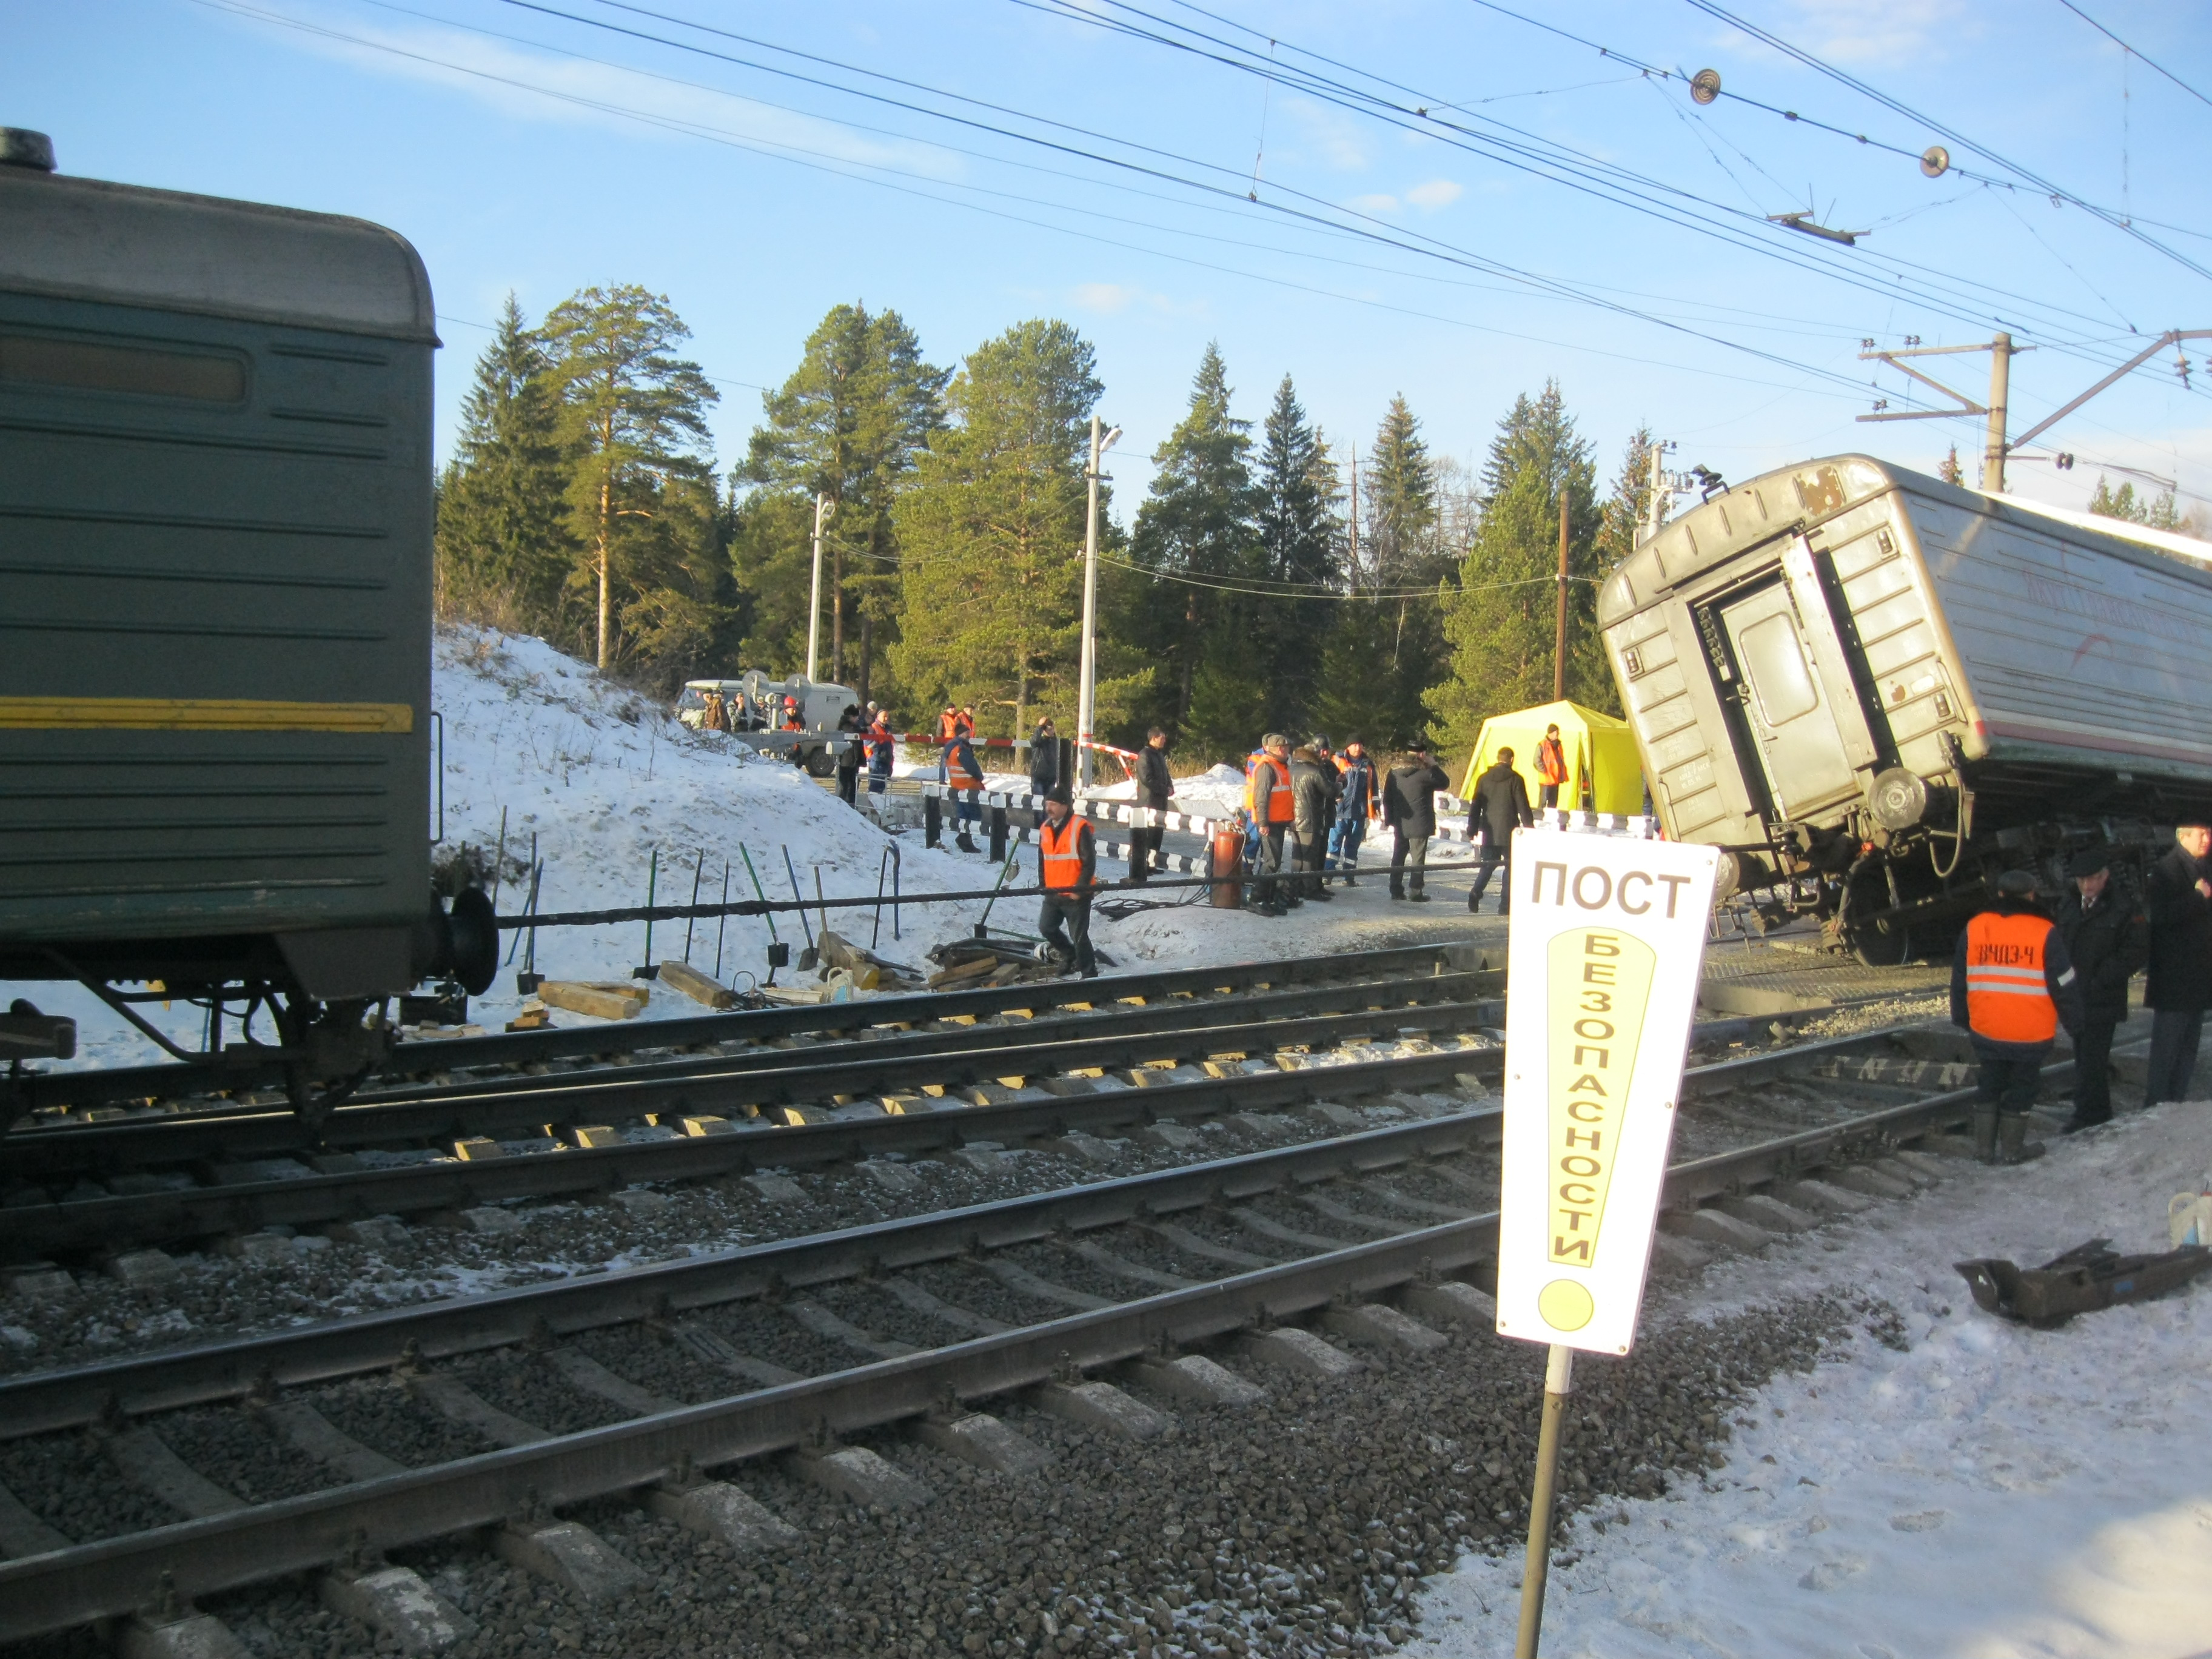 Следователи назвали три возможные причины столкновения поездов под Первоуральском